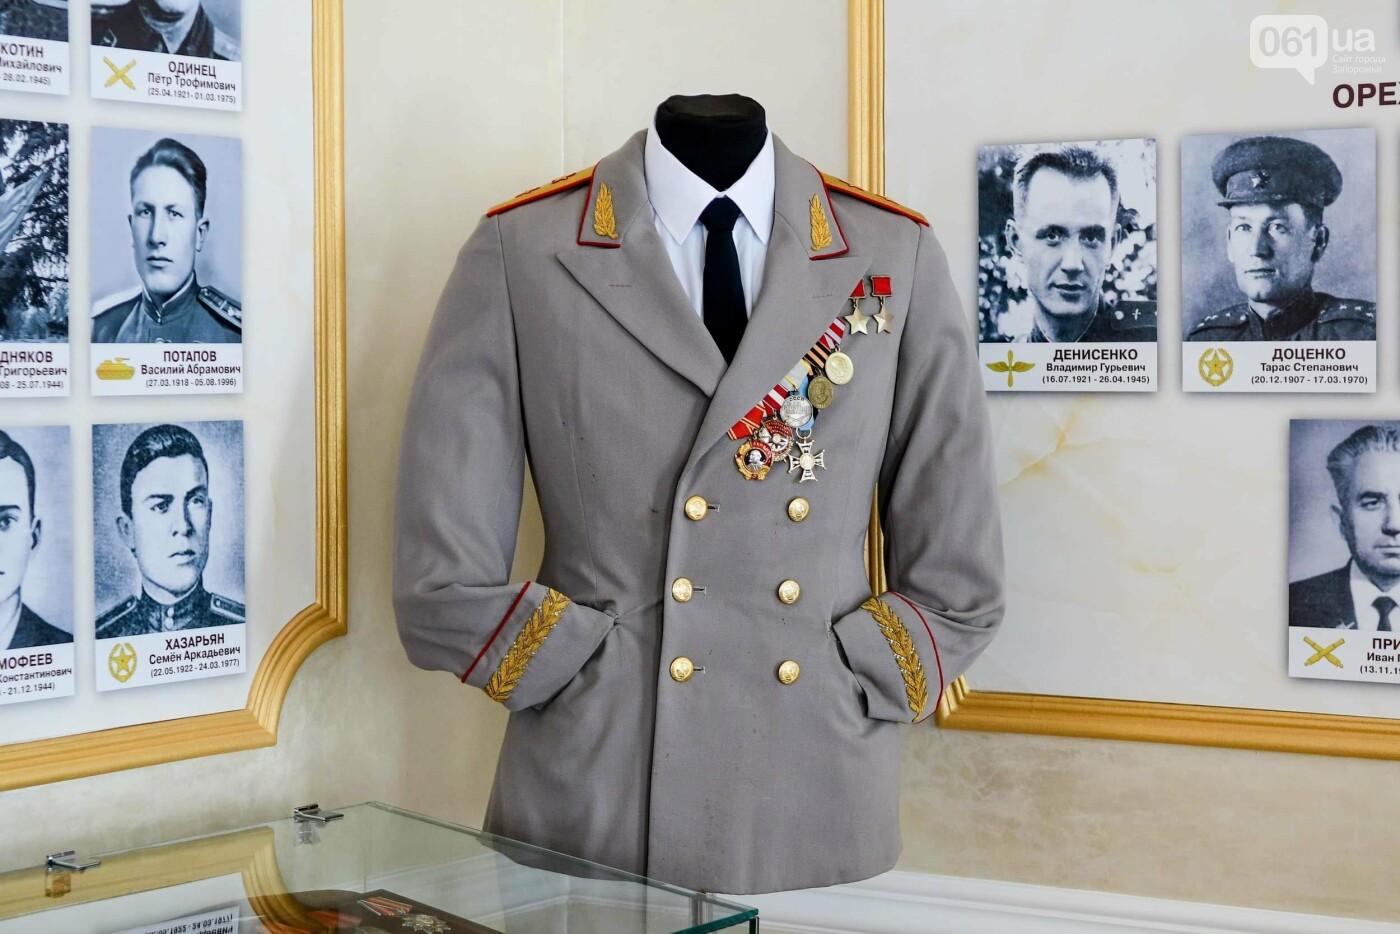 В запорожском музее появился уникальный экспонат - форма легендарного офицера, который воевал без рук, - ФОТО, фото-1